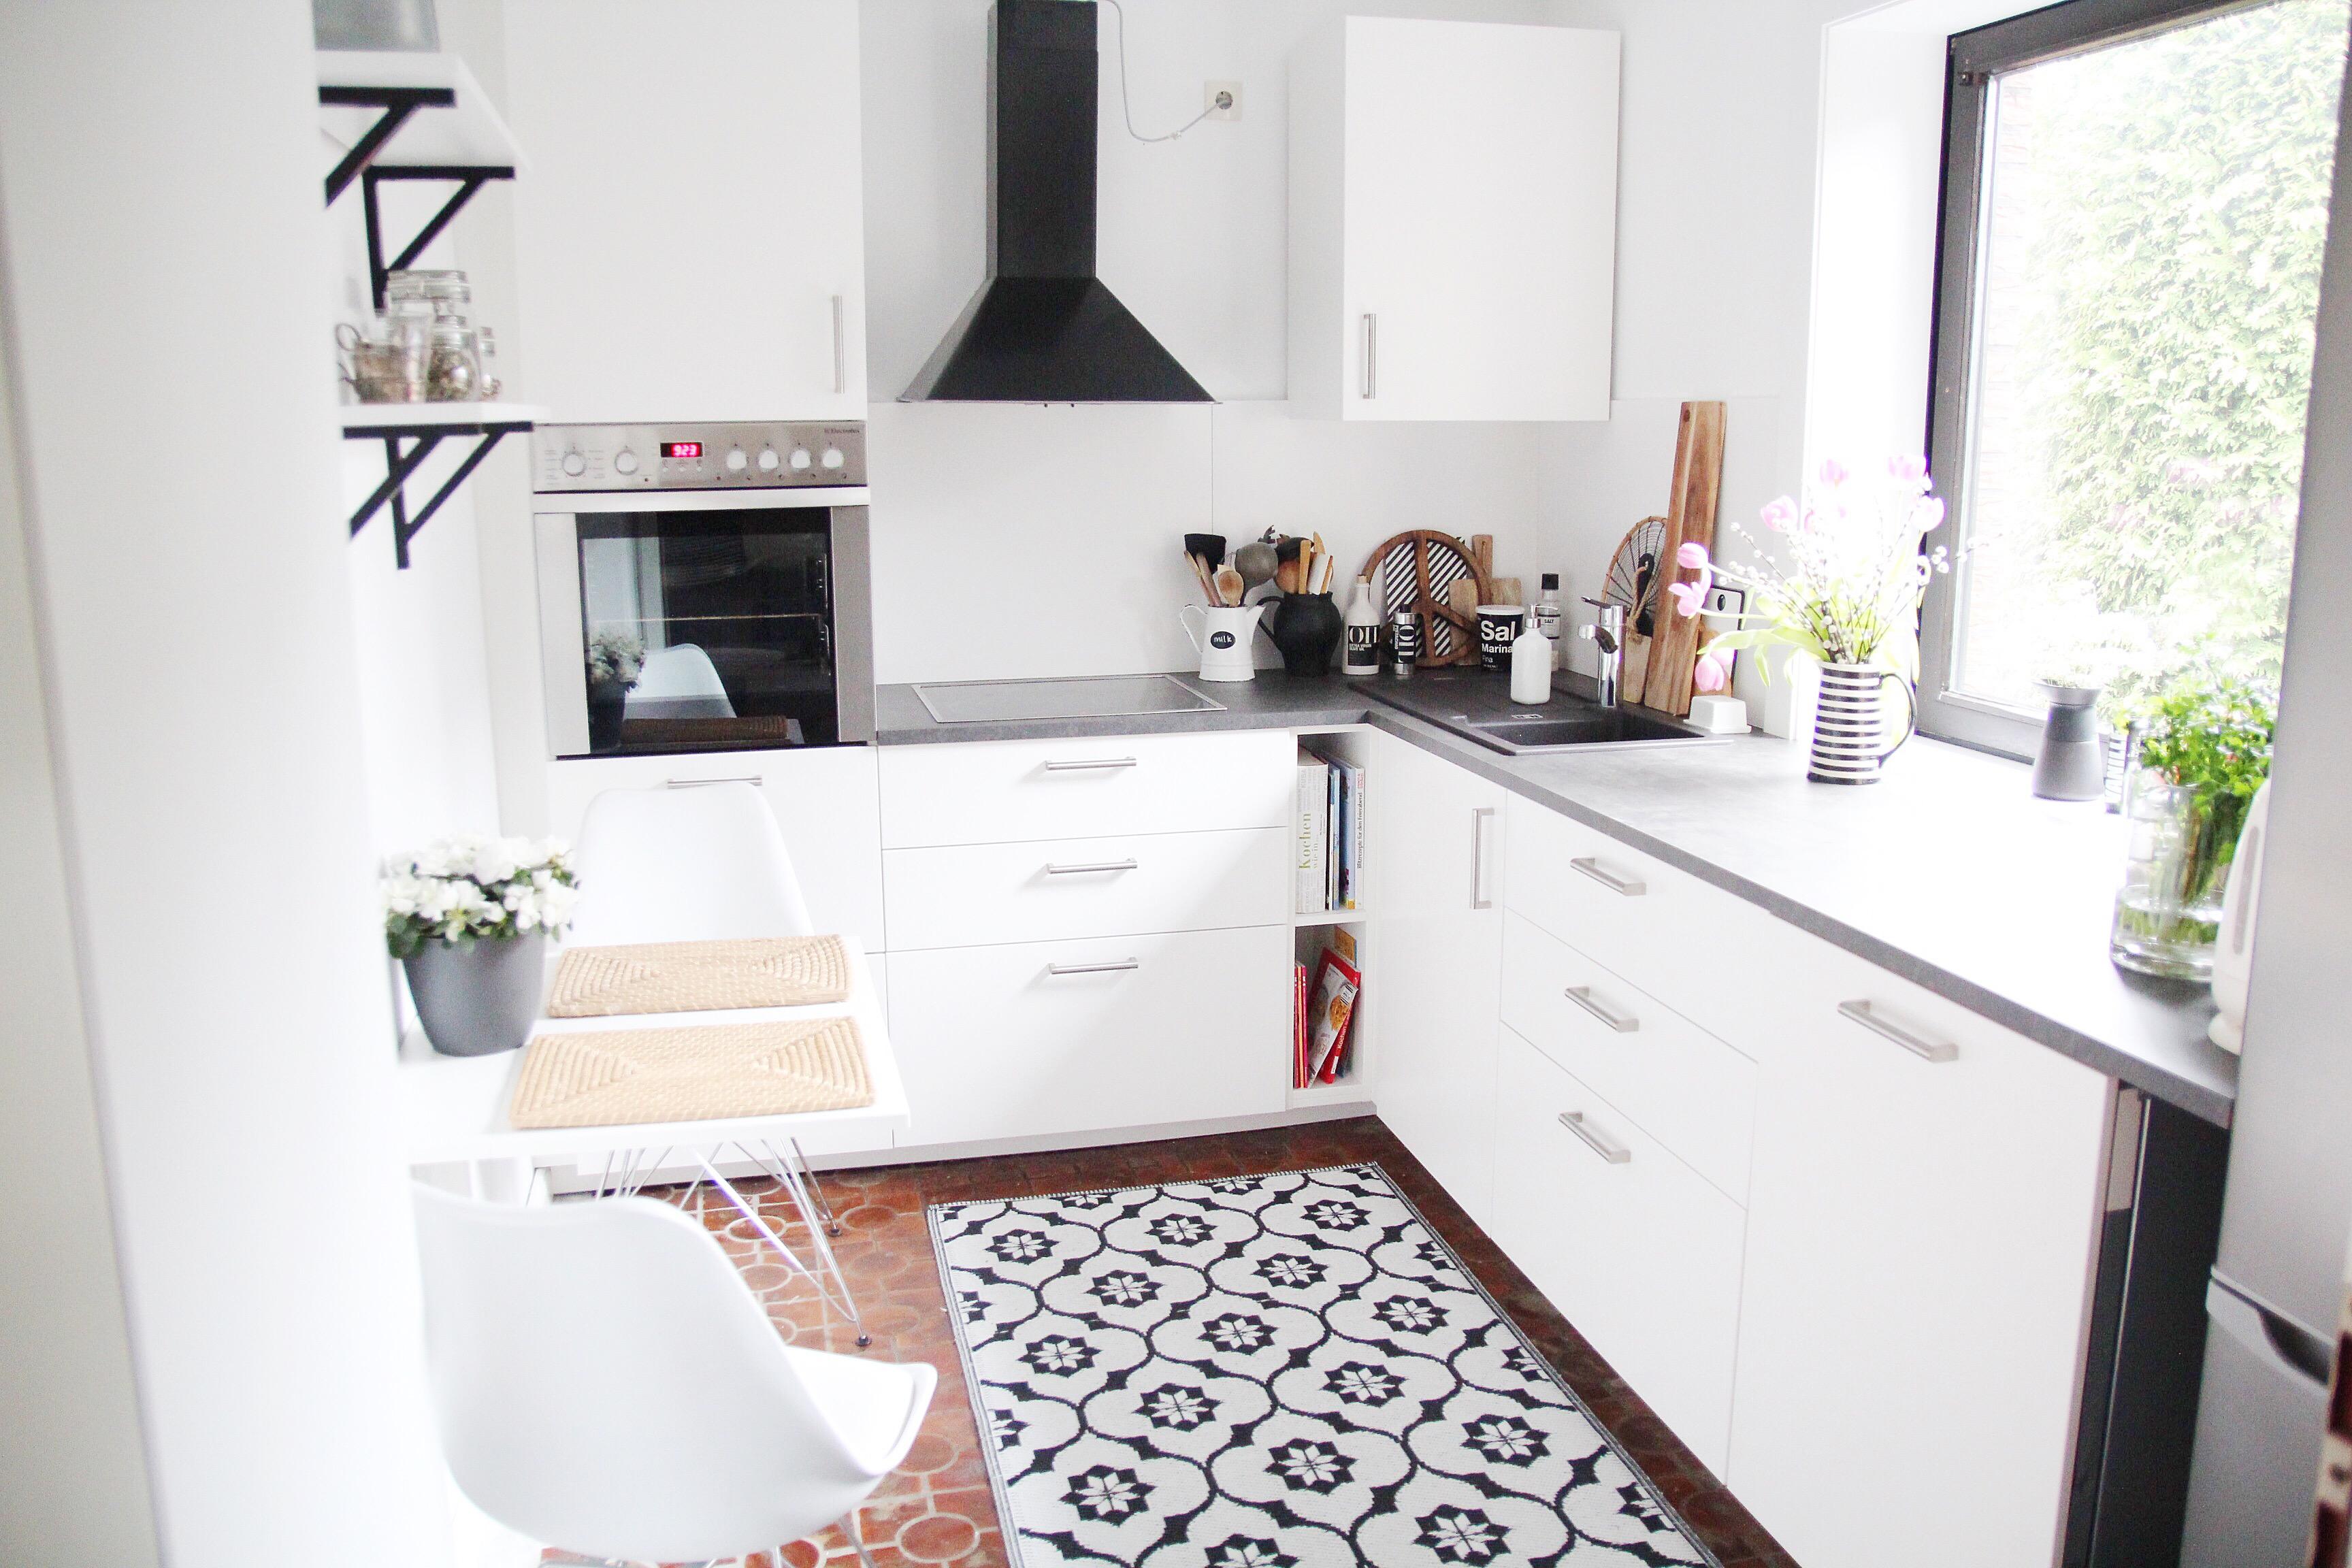 küche-selbst-renovieren-vorher-nachher - DESIGN DOTS